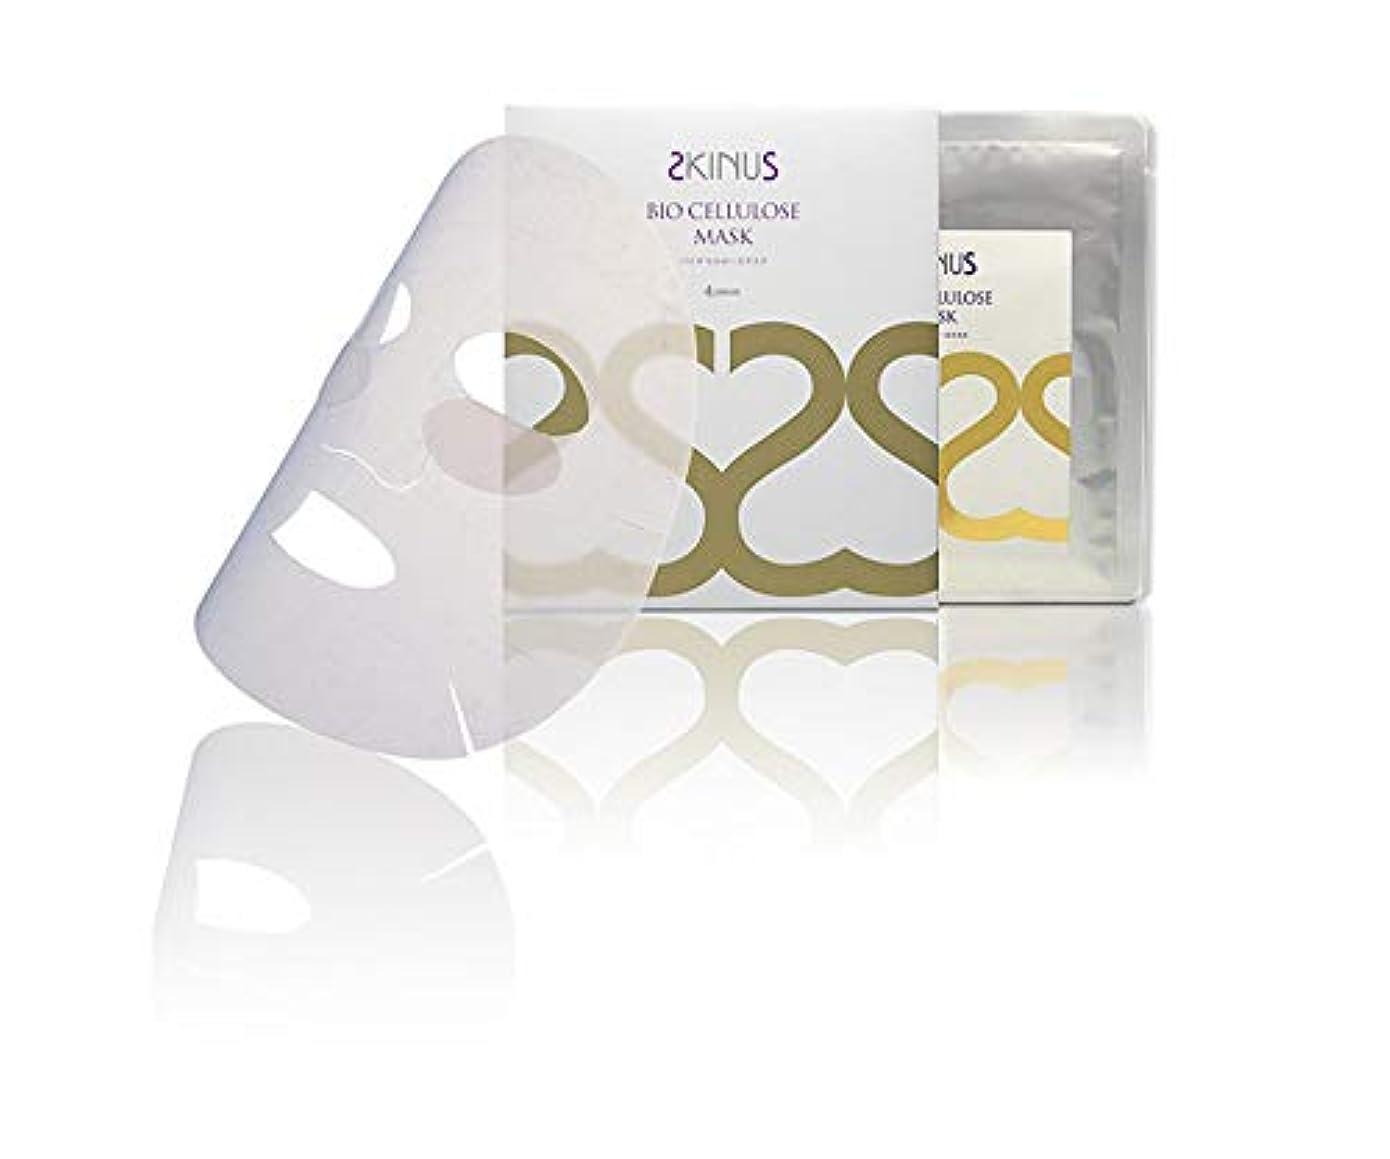 仲介者政策回復スキナス(SKINUS) バイオセルロースマスク 25mL×4枚 <シート状美容液マスク>